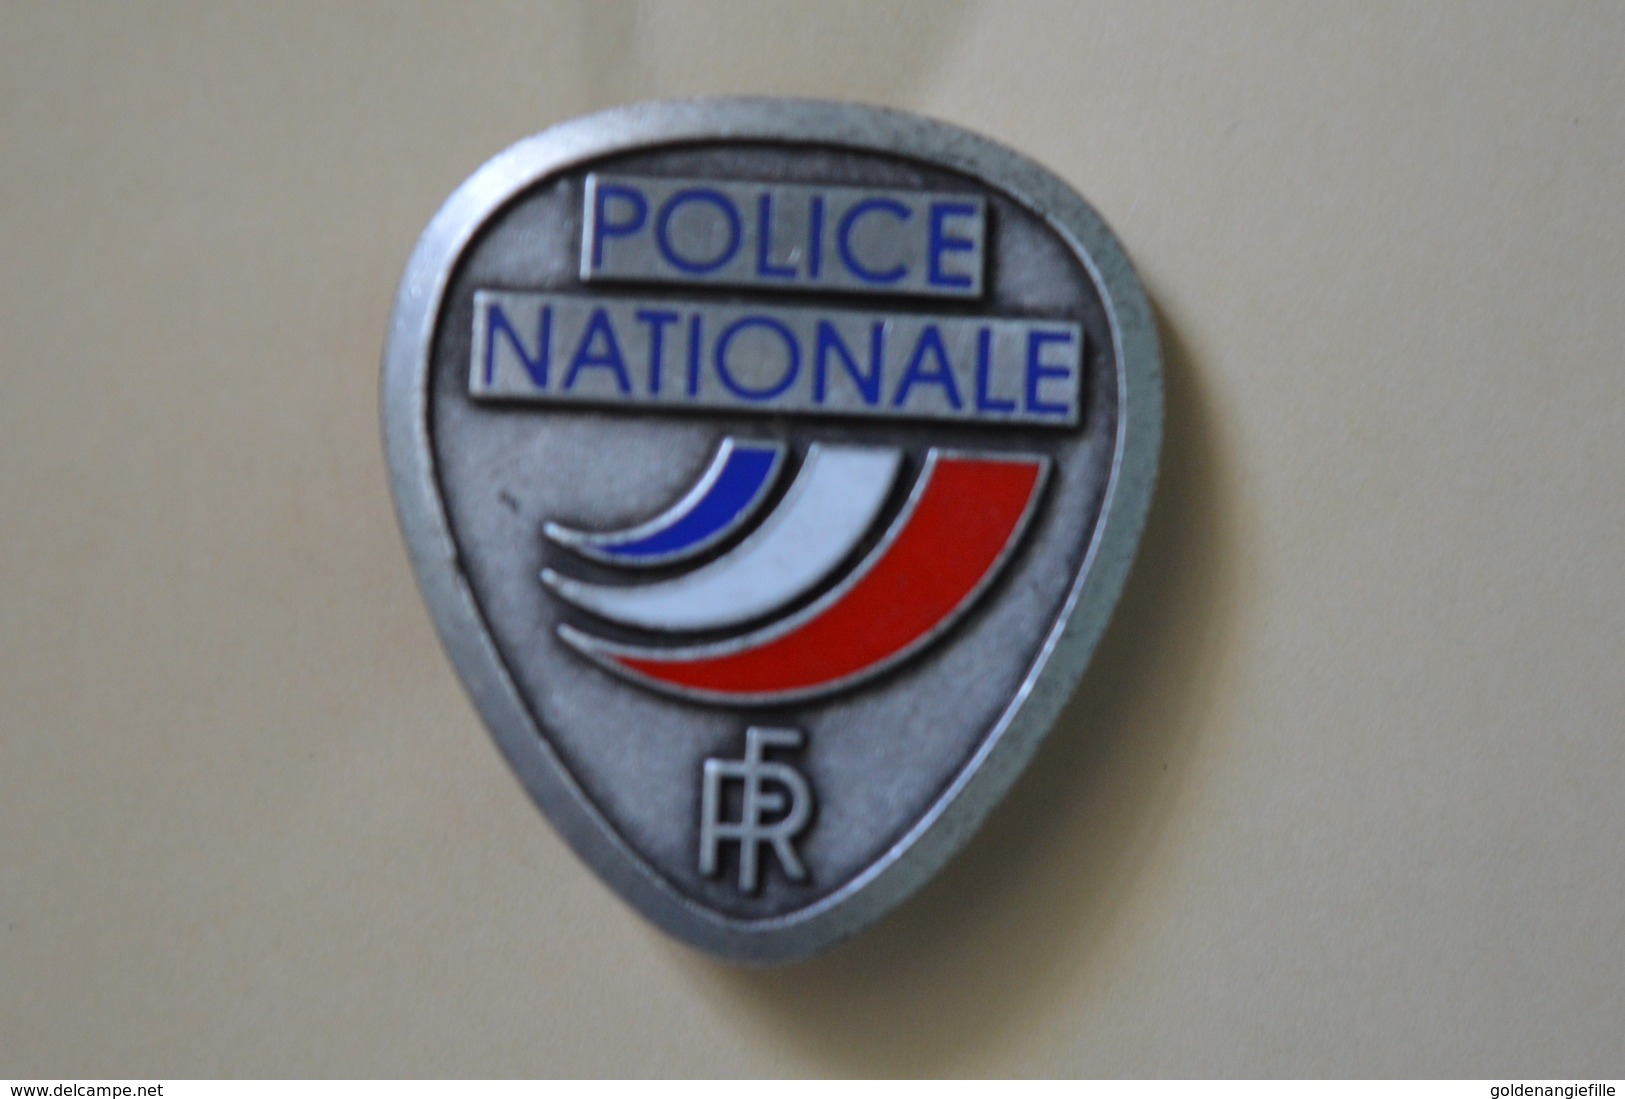 Police Nationale ----- Insigne Métal De Casquette ----- Occasion ----- Pour Collection Et Collectionneur - Police & Gendarmerie